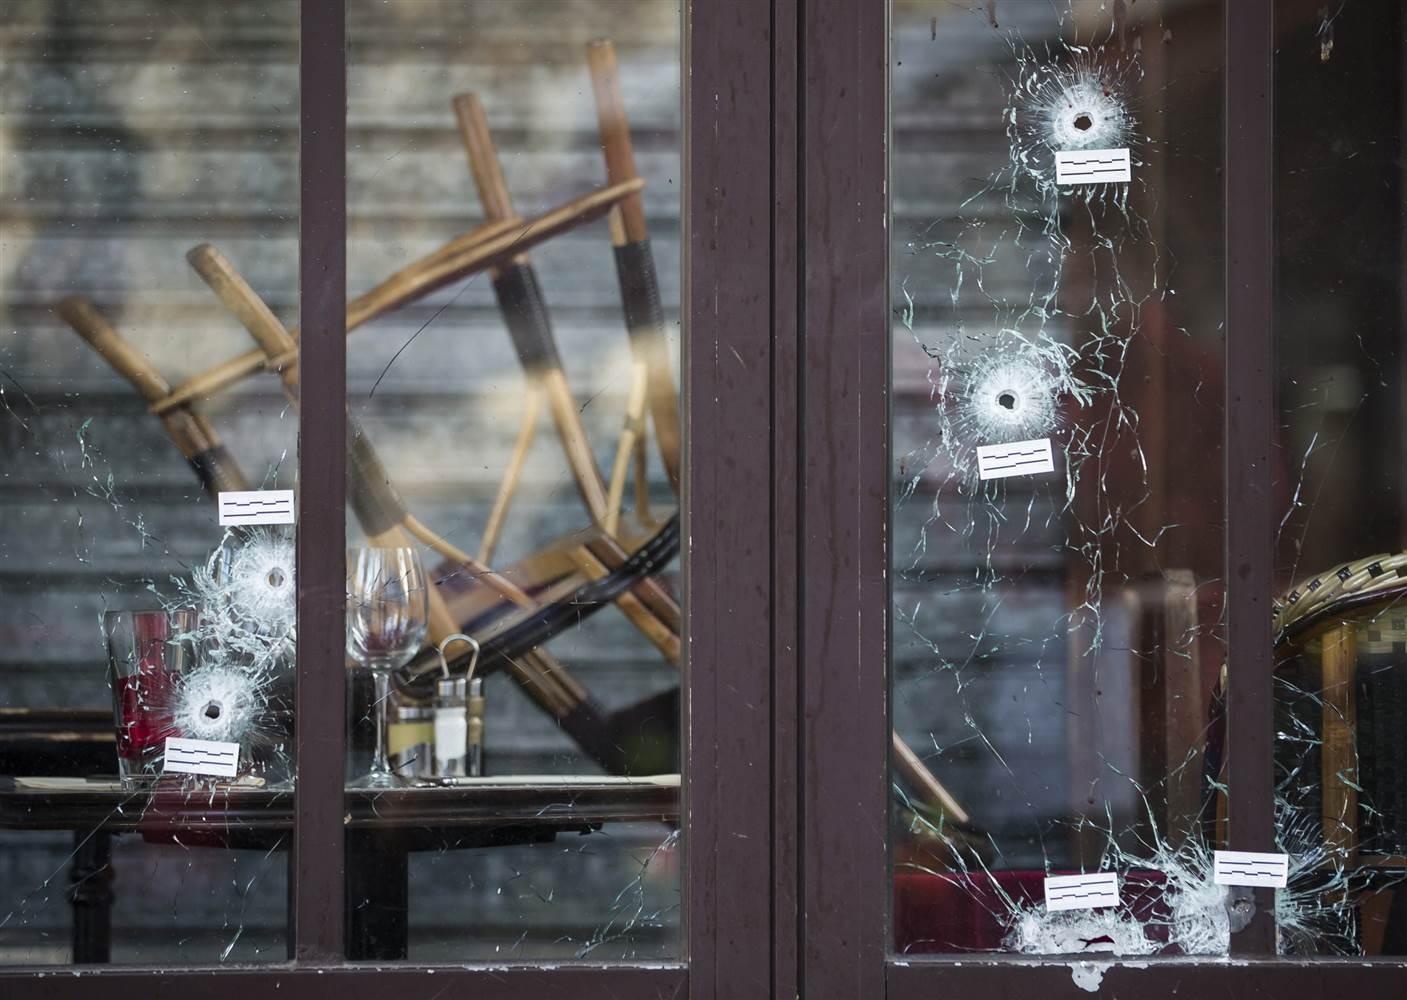 Bullet holes in the terrace windows of Cafe Bonne Biere in Paris, France, 15 Nov 2015. (Ian Langsdon | EPA)